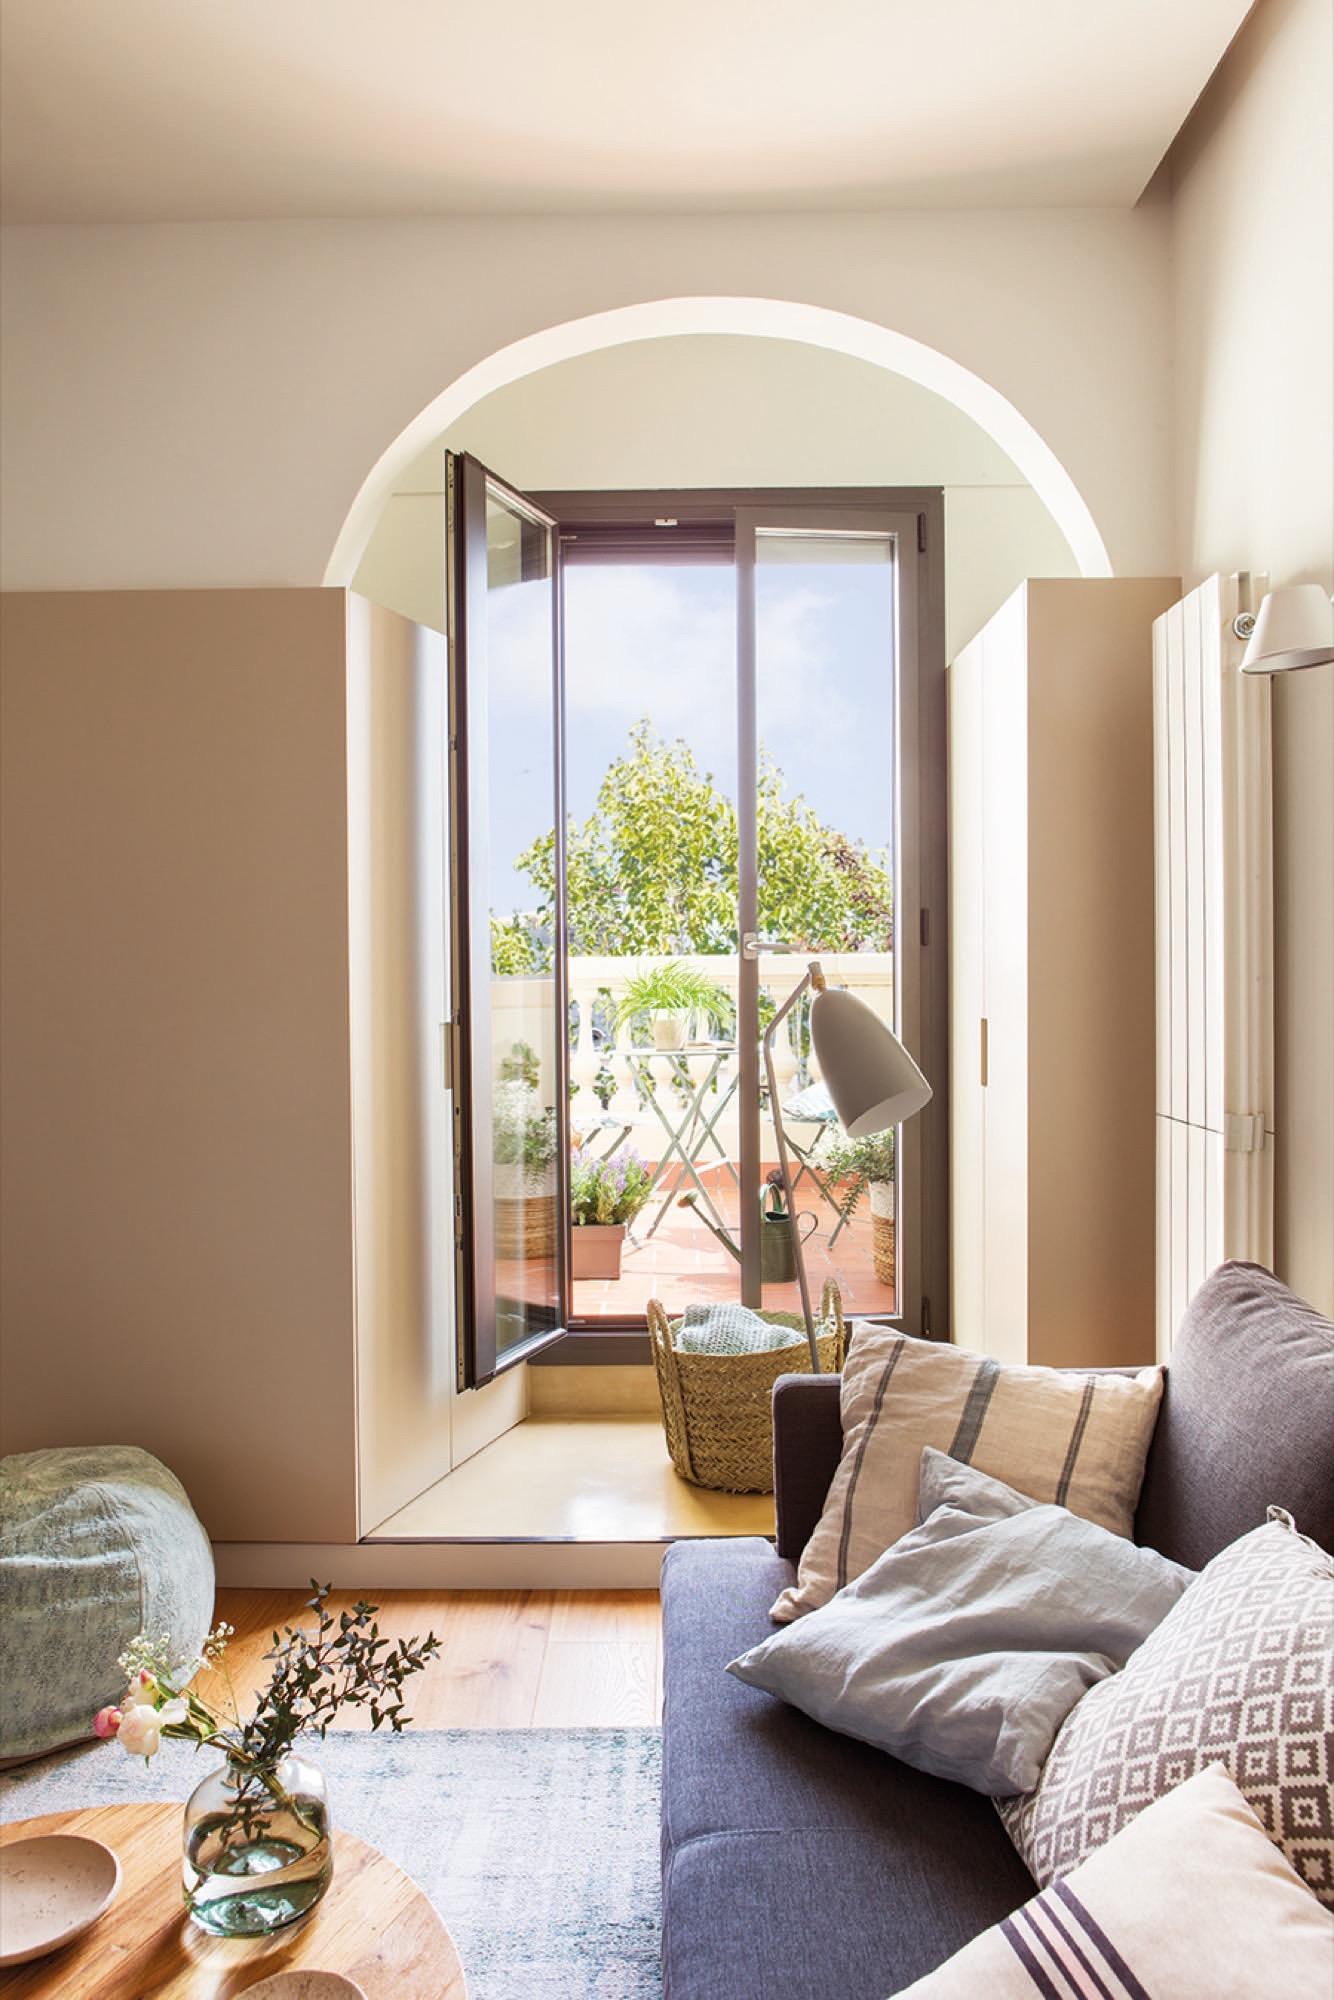 sofa y lampara con terraza de fondo